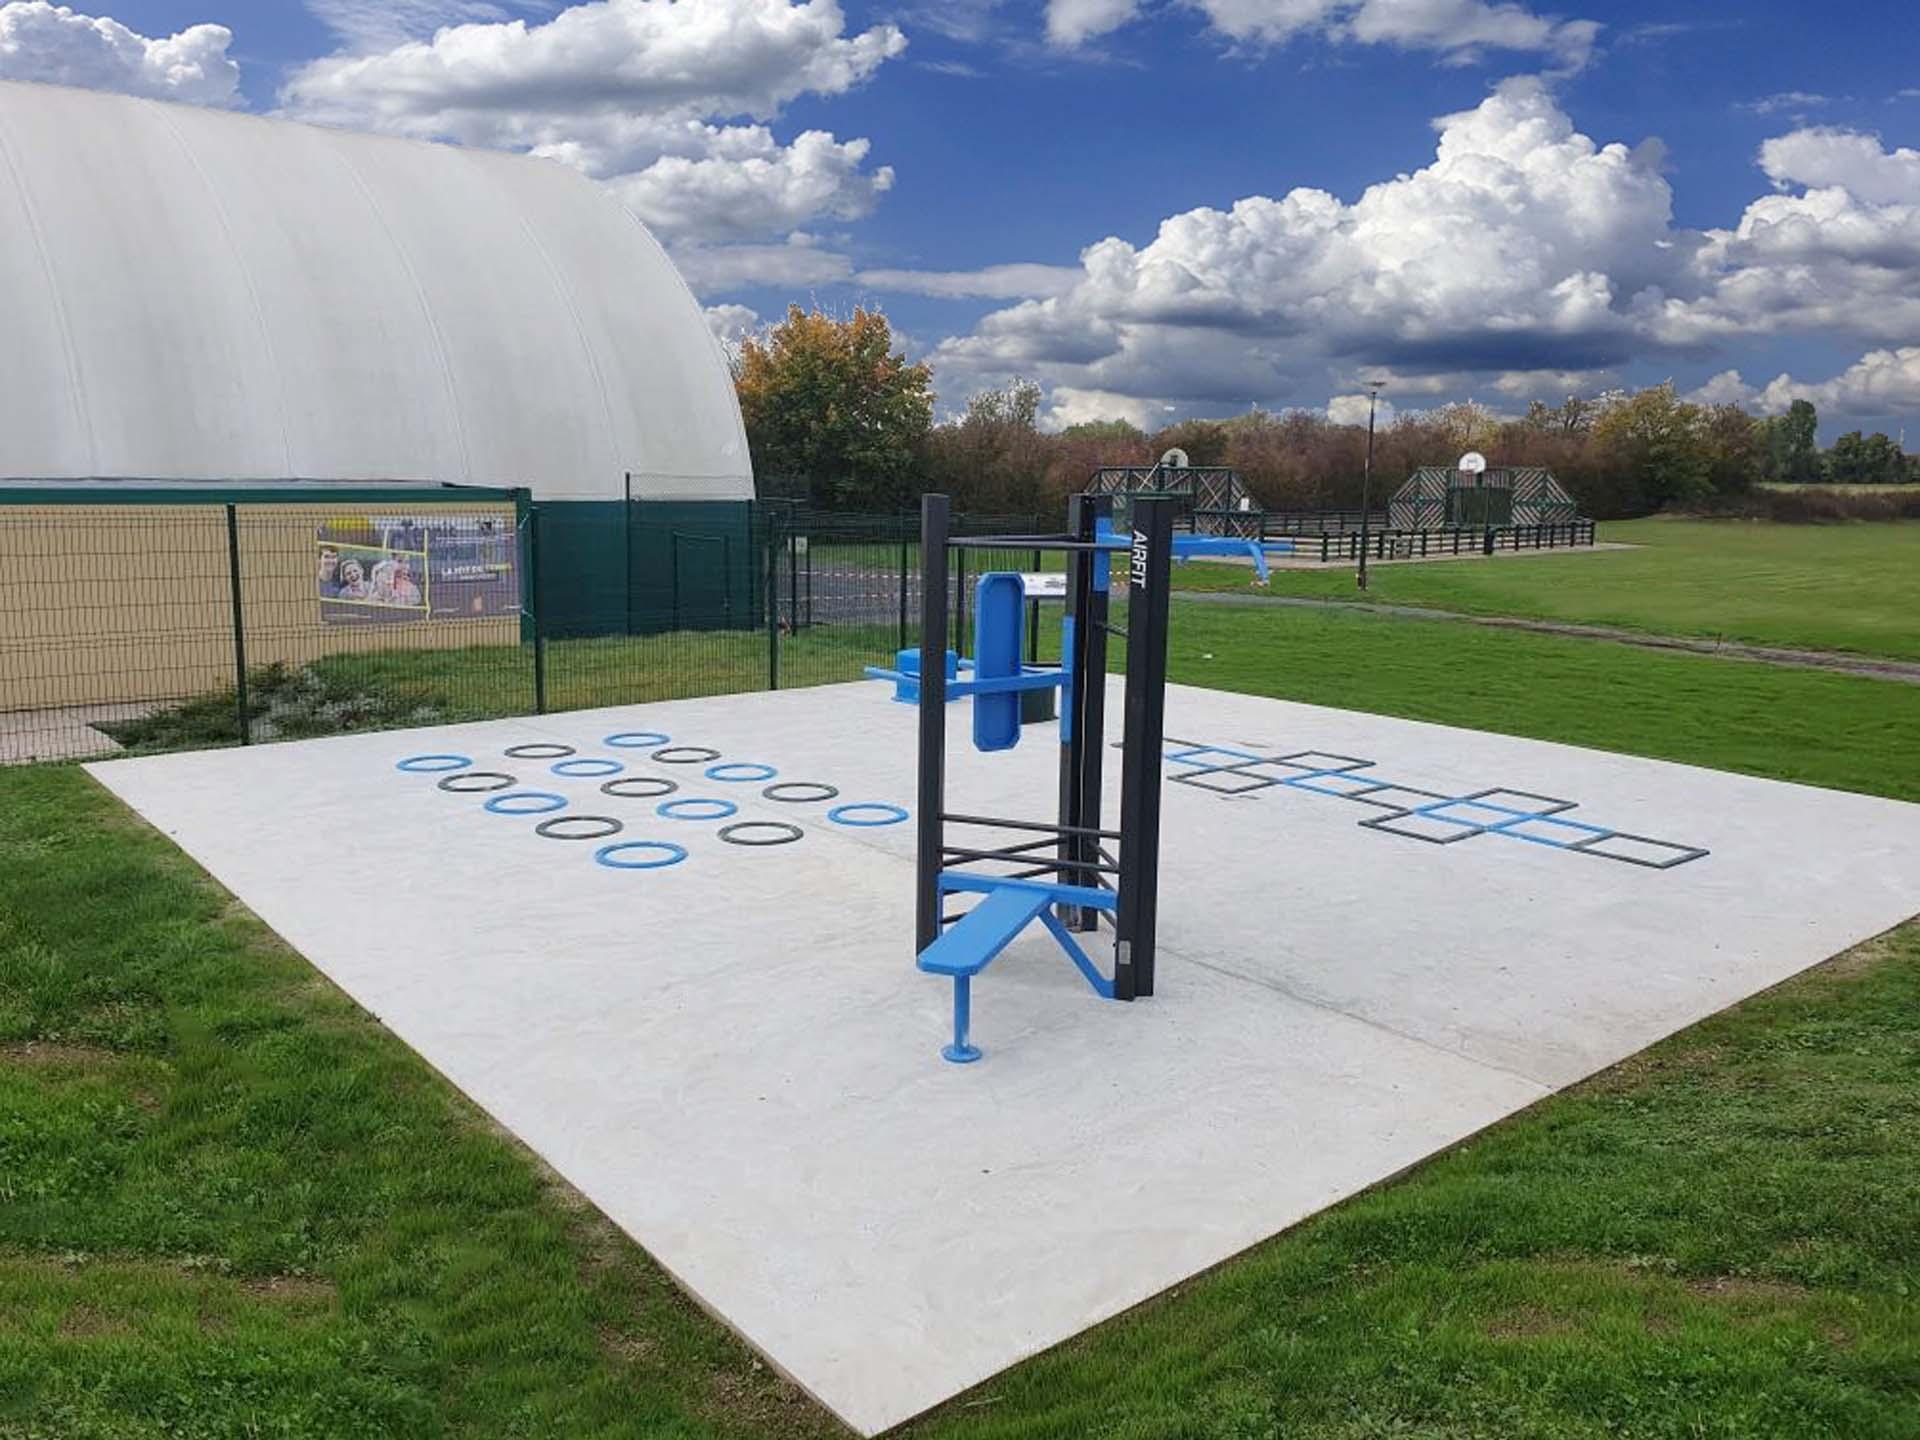 Photo de l'aire de fitness en plein air de Mardeuil derrière le gymnase